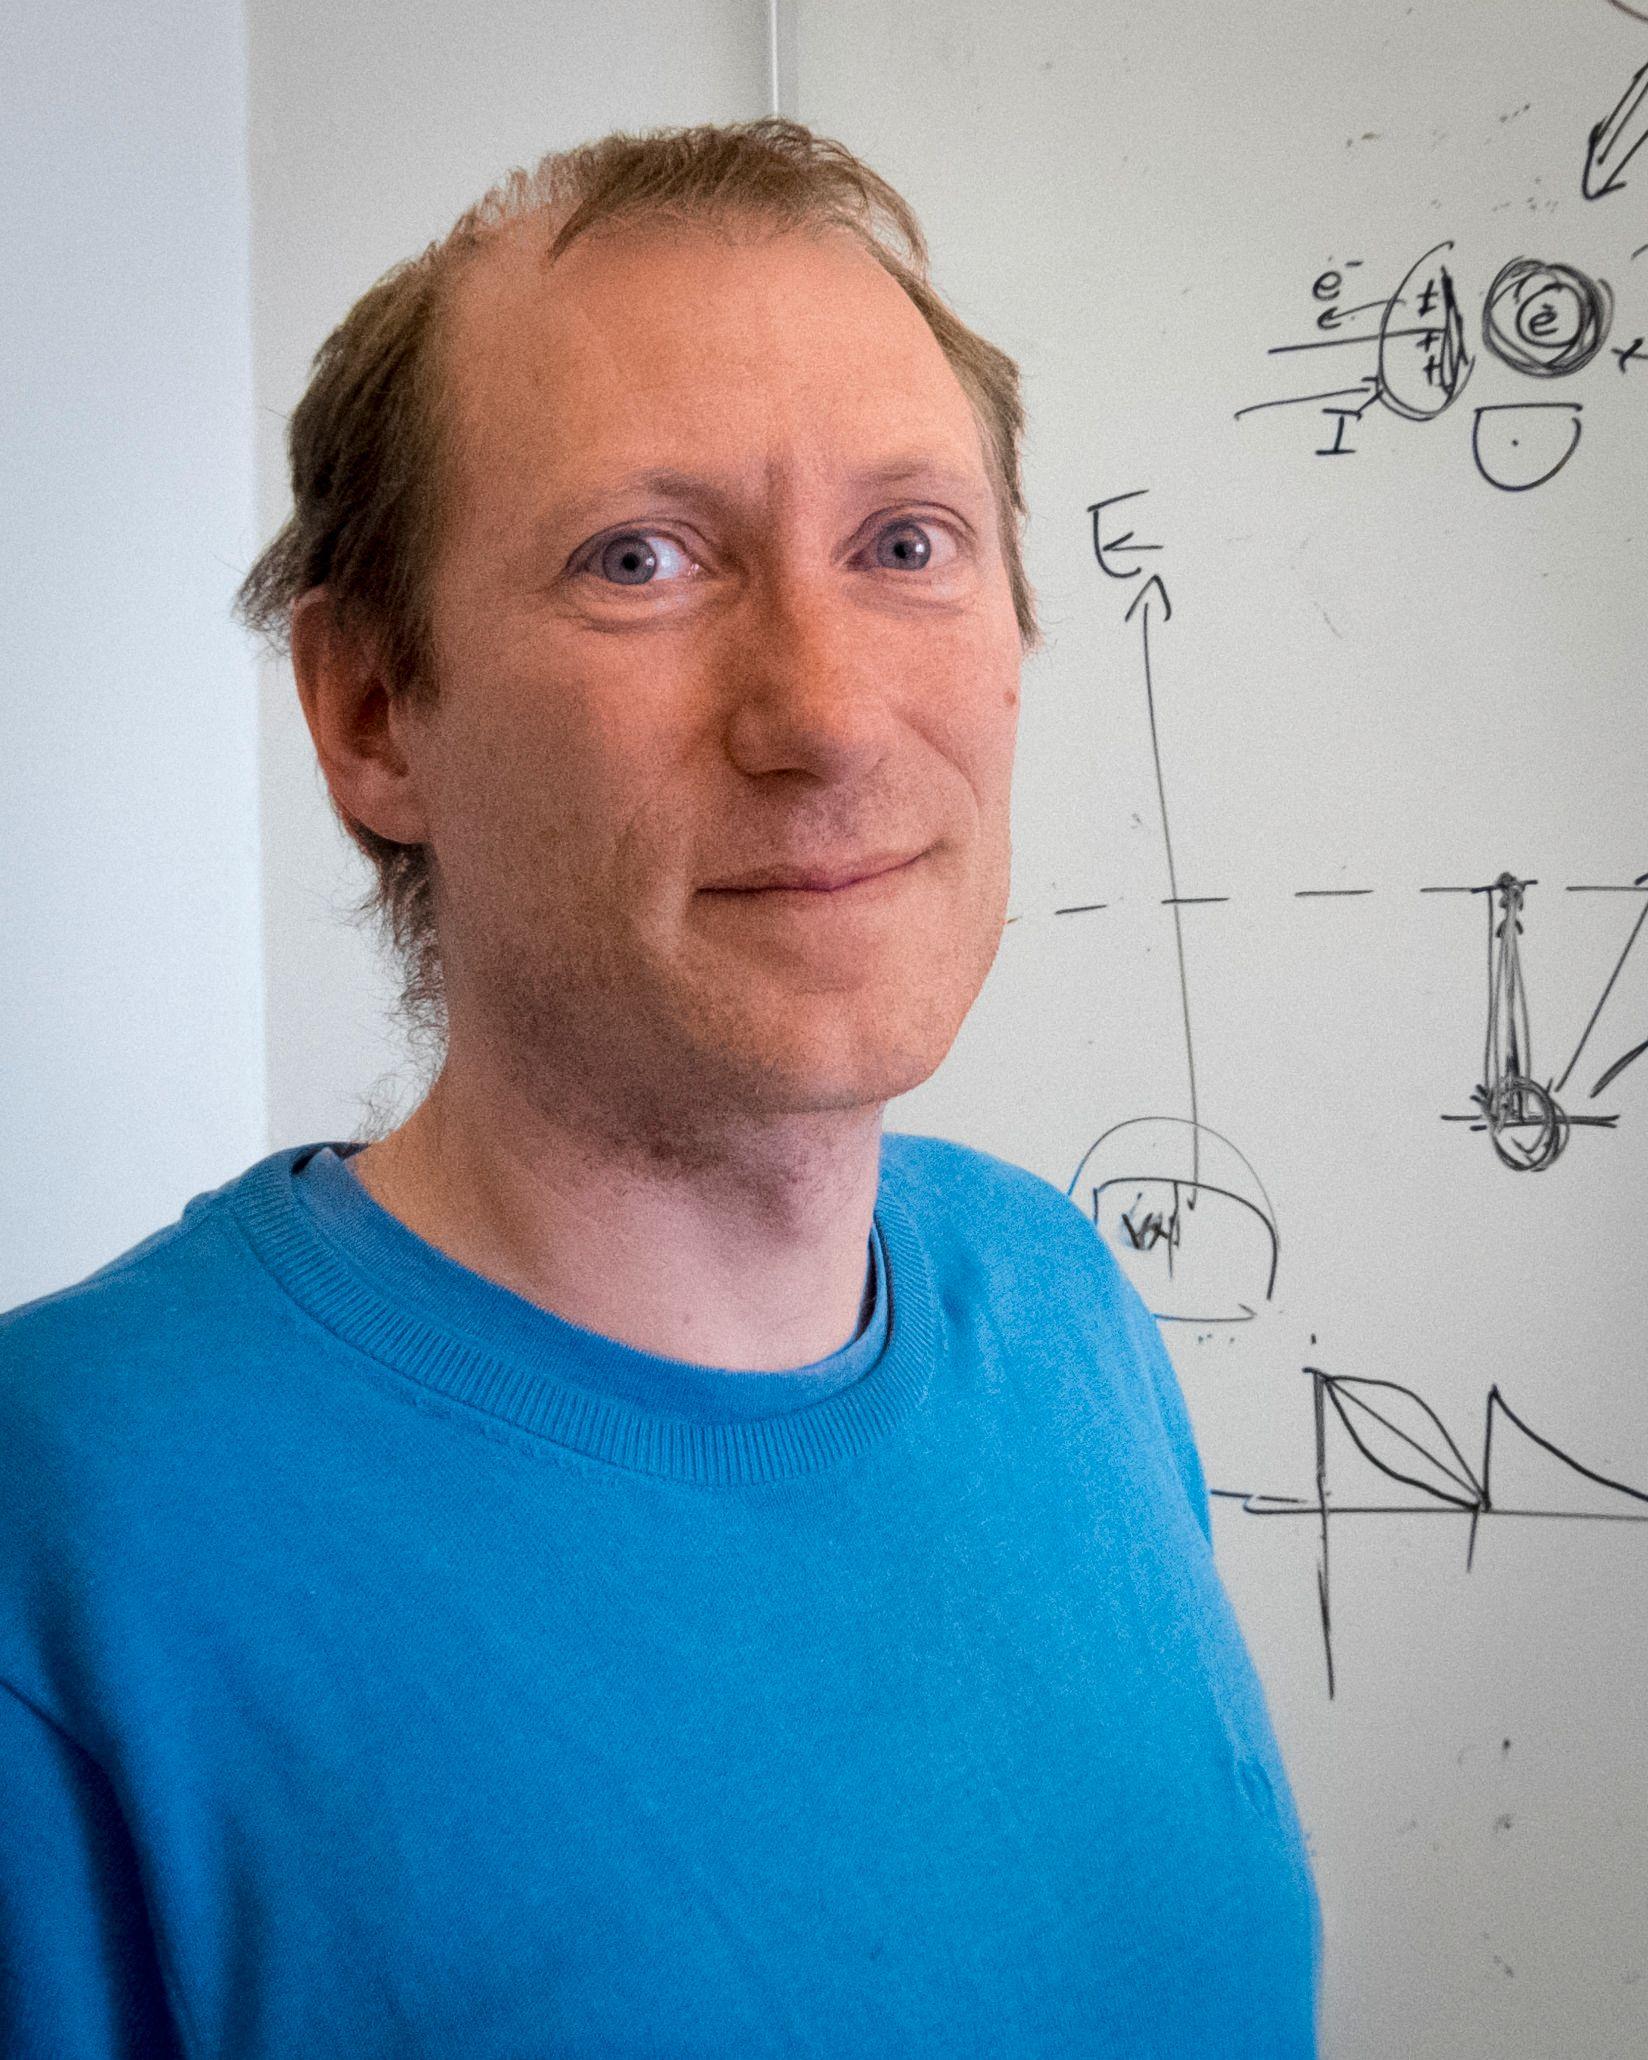 Joakim Bergli arbeider med teoretisk faststoffysikk ved UiO og har blant annet arbeidet spesielt med kvantetransport og kvanteinformasjonsteori.. Foto: Kristoffer Møllevik